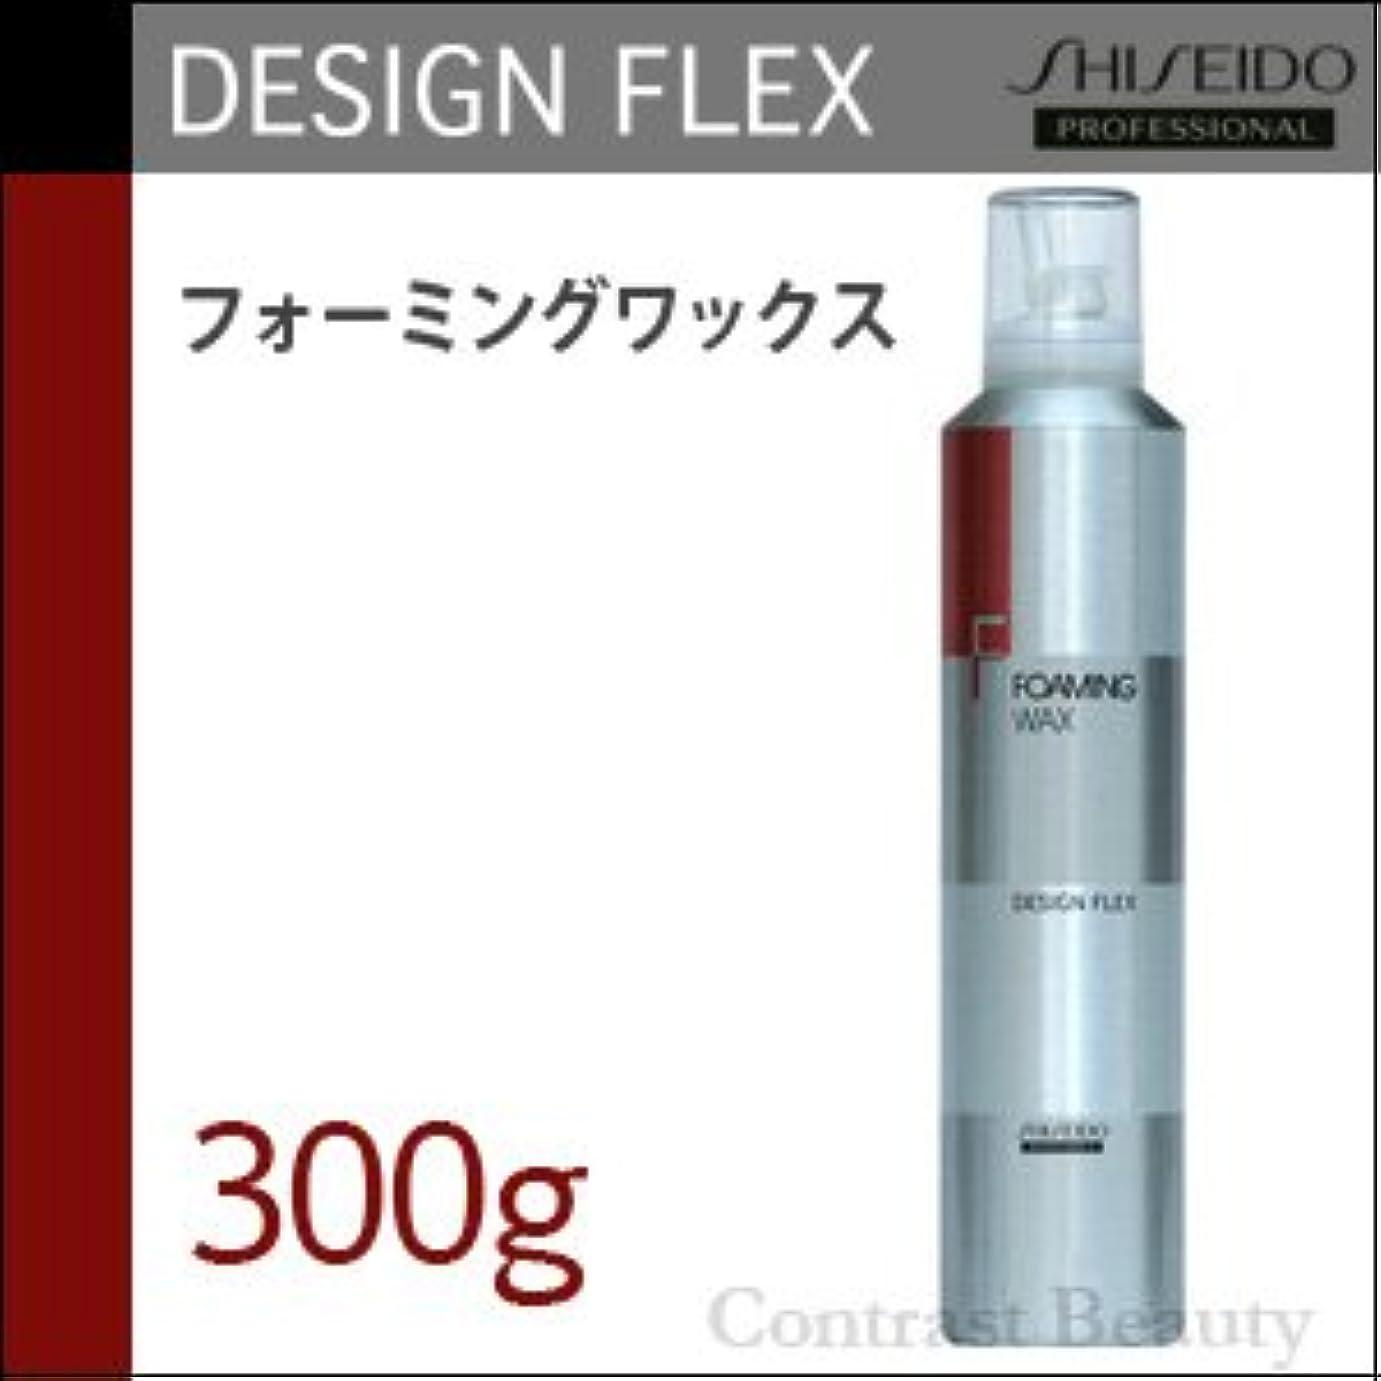 あいまいさ増強半島【x5個セット】 資生堂 デザインフレックス フォーミングワックス 300g